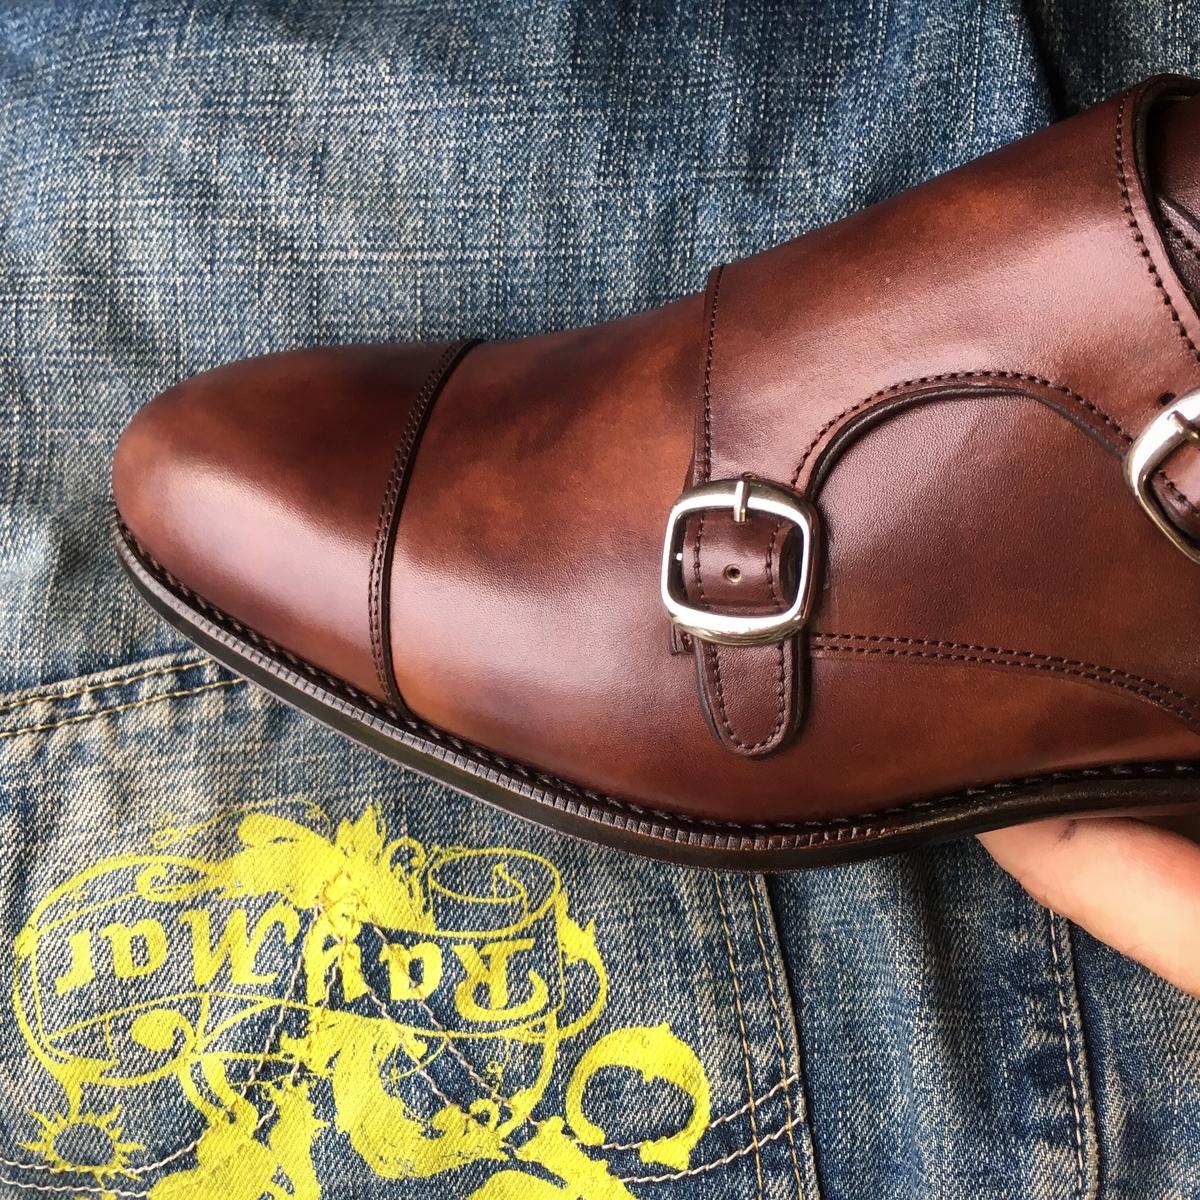 f:id:raymar-shoes:20190821213723j:plain